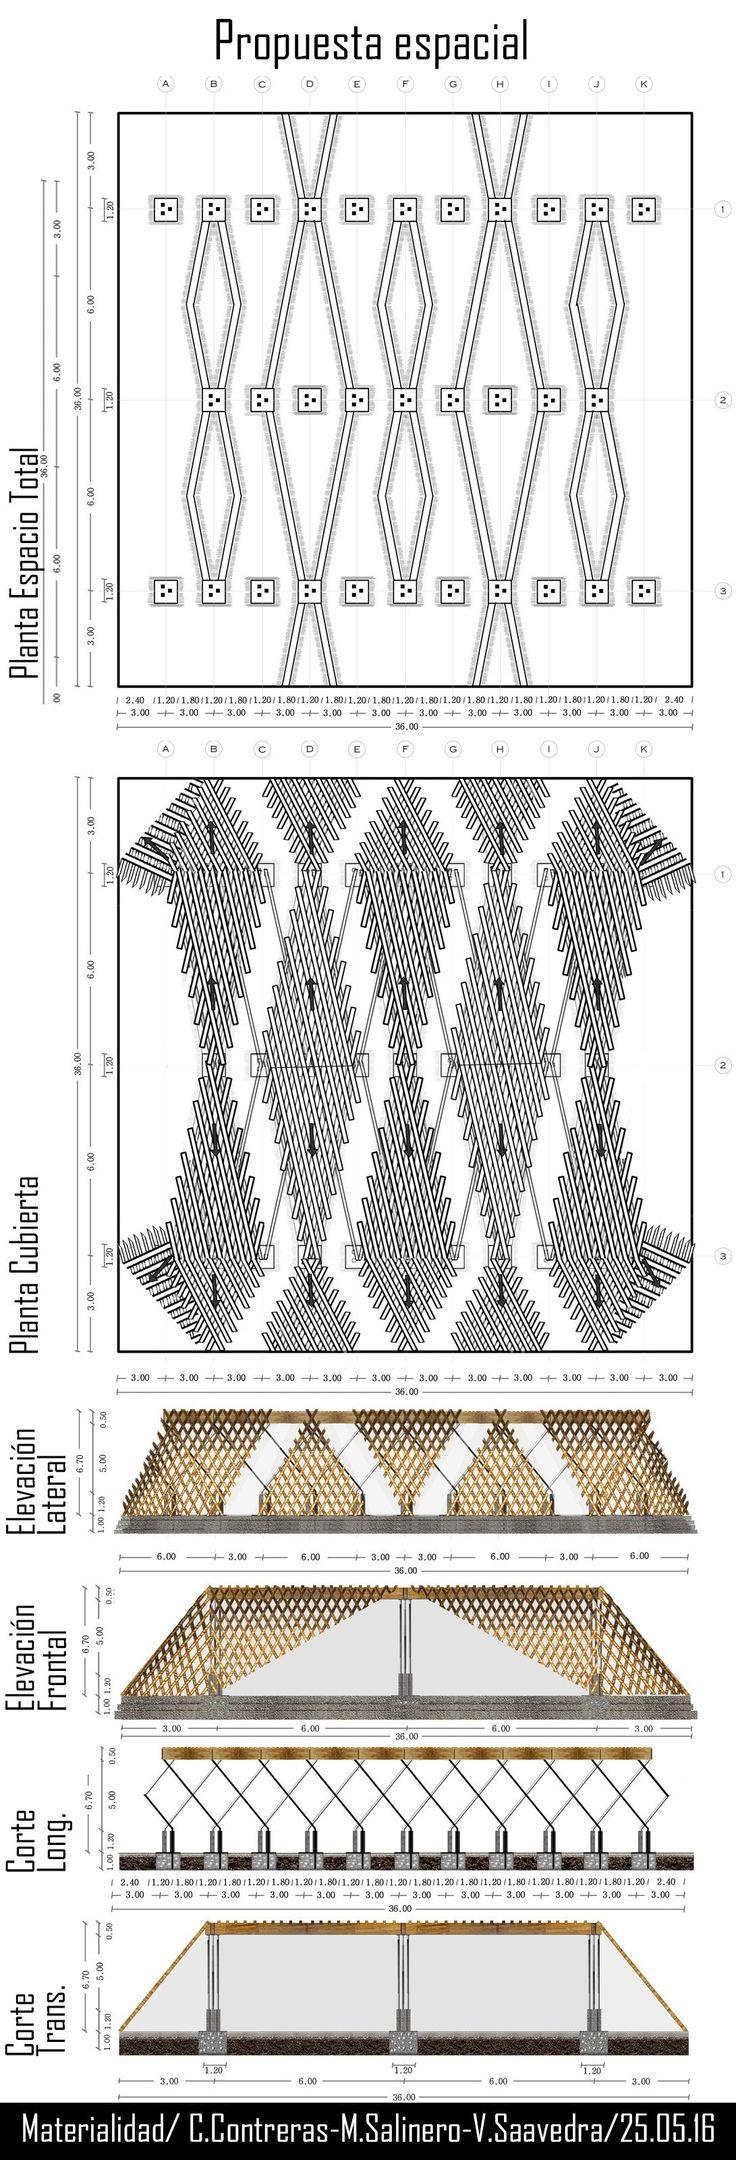 Proyecto Galería. Ramo: Materialidad. Cubierta madera, pilar metal, suelo hormigón.